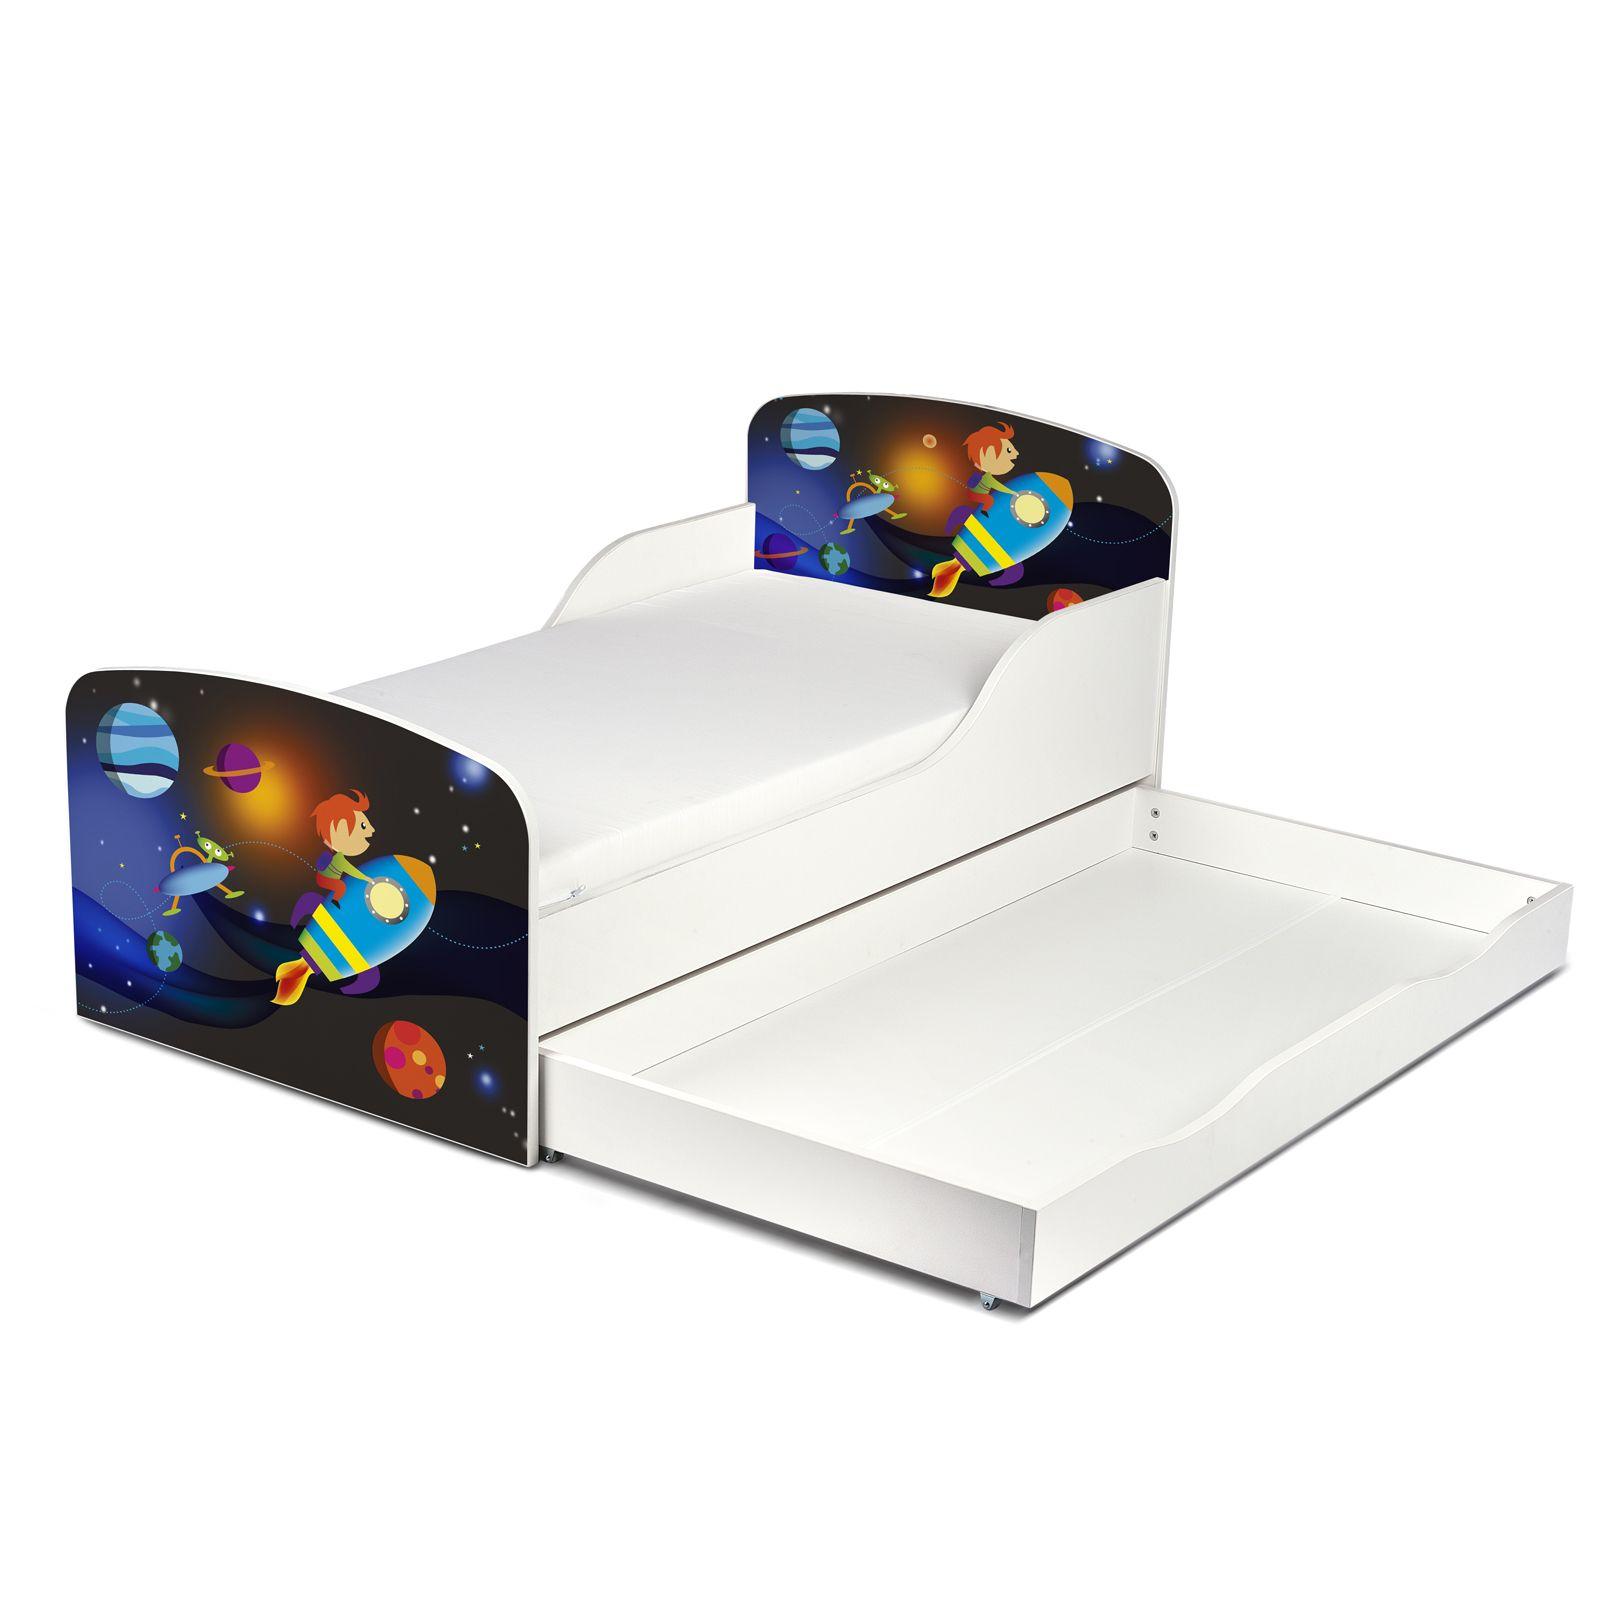 rakete mdf kleinkind bett mit unterbett aufbewahrung matratze ebay. Black Bedroom Furniture Sets. Home Design Ideas